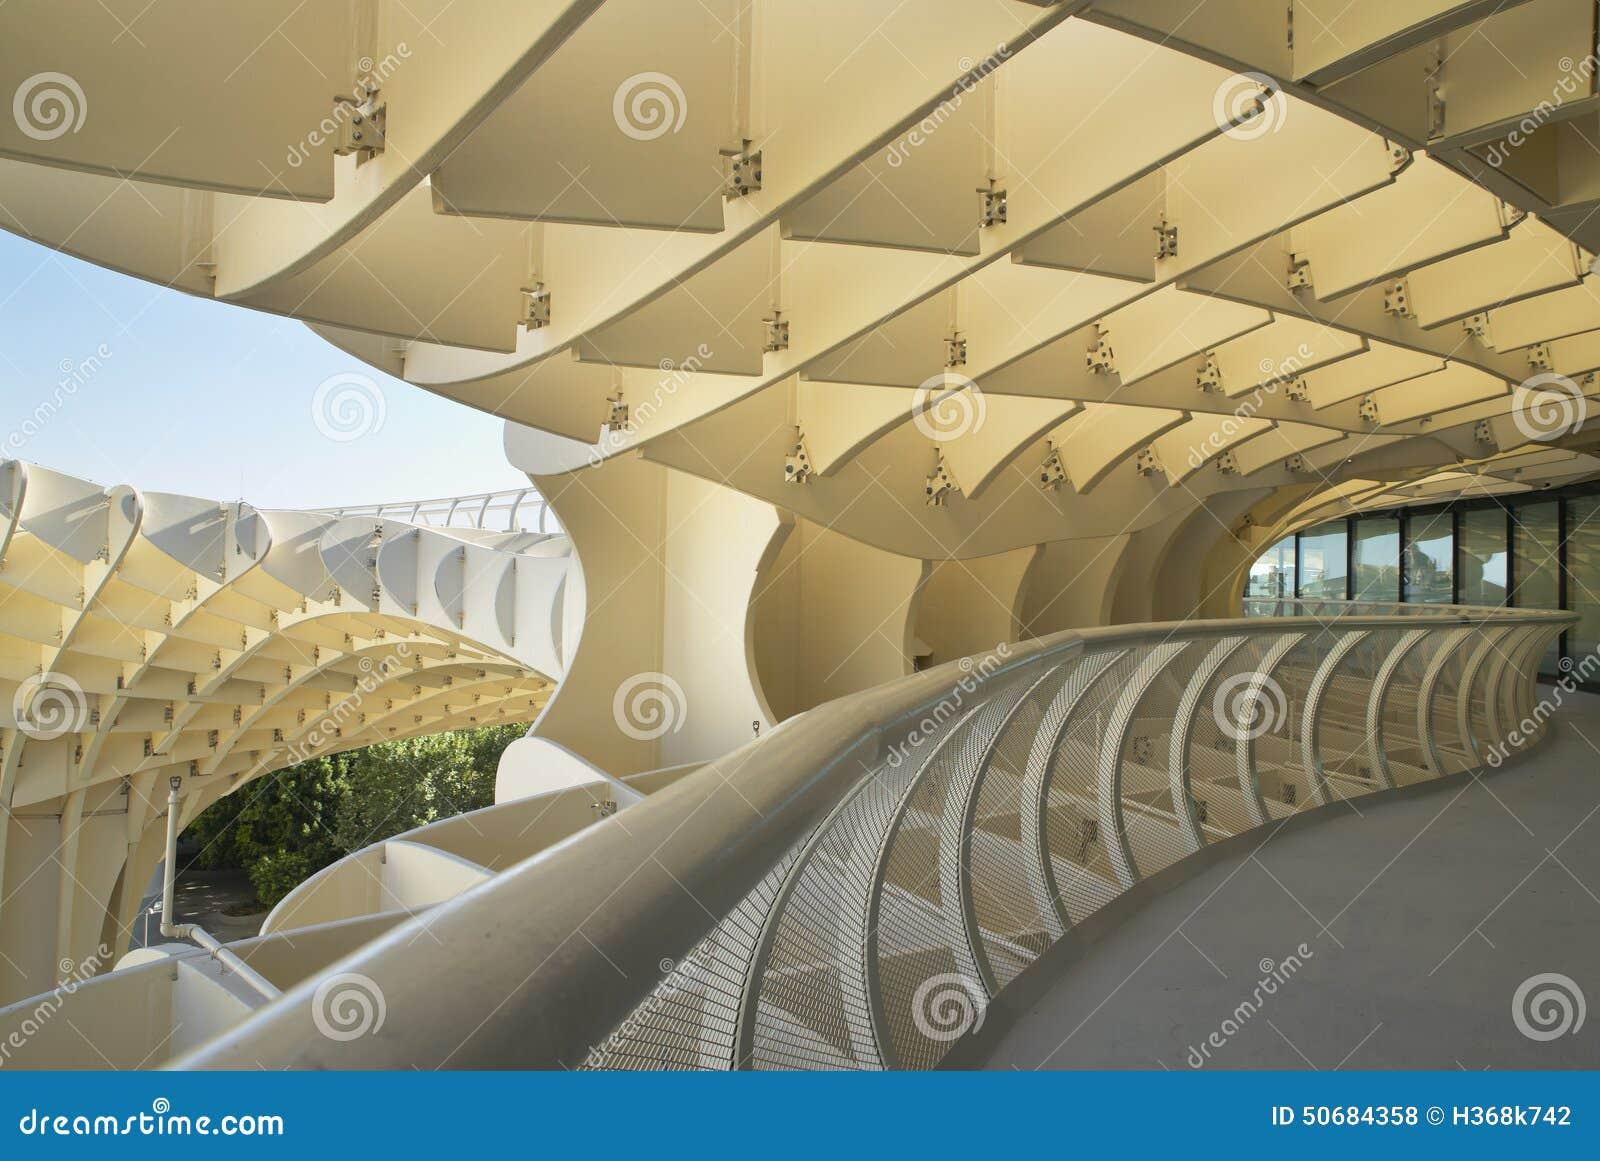 Download 在黄色口气的现代建筑结构 塞维利亚 西班牙 库存照片. 图片 包括有 城镇, 西班牙语, 安排, 塞维利亚 - 50684358